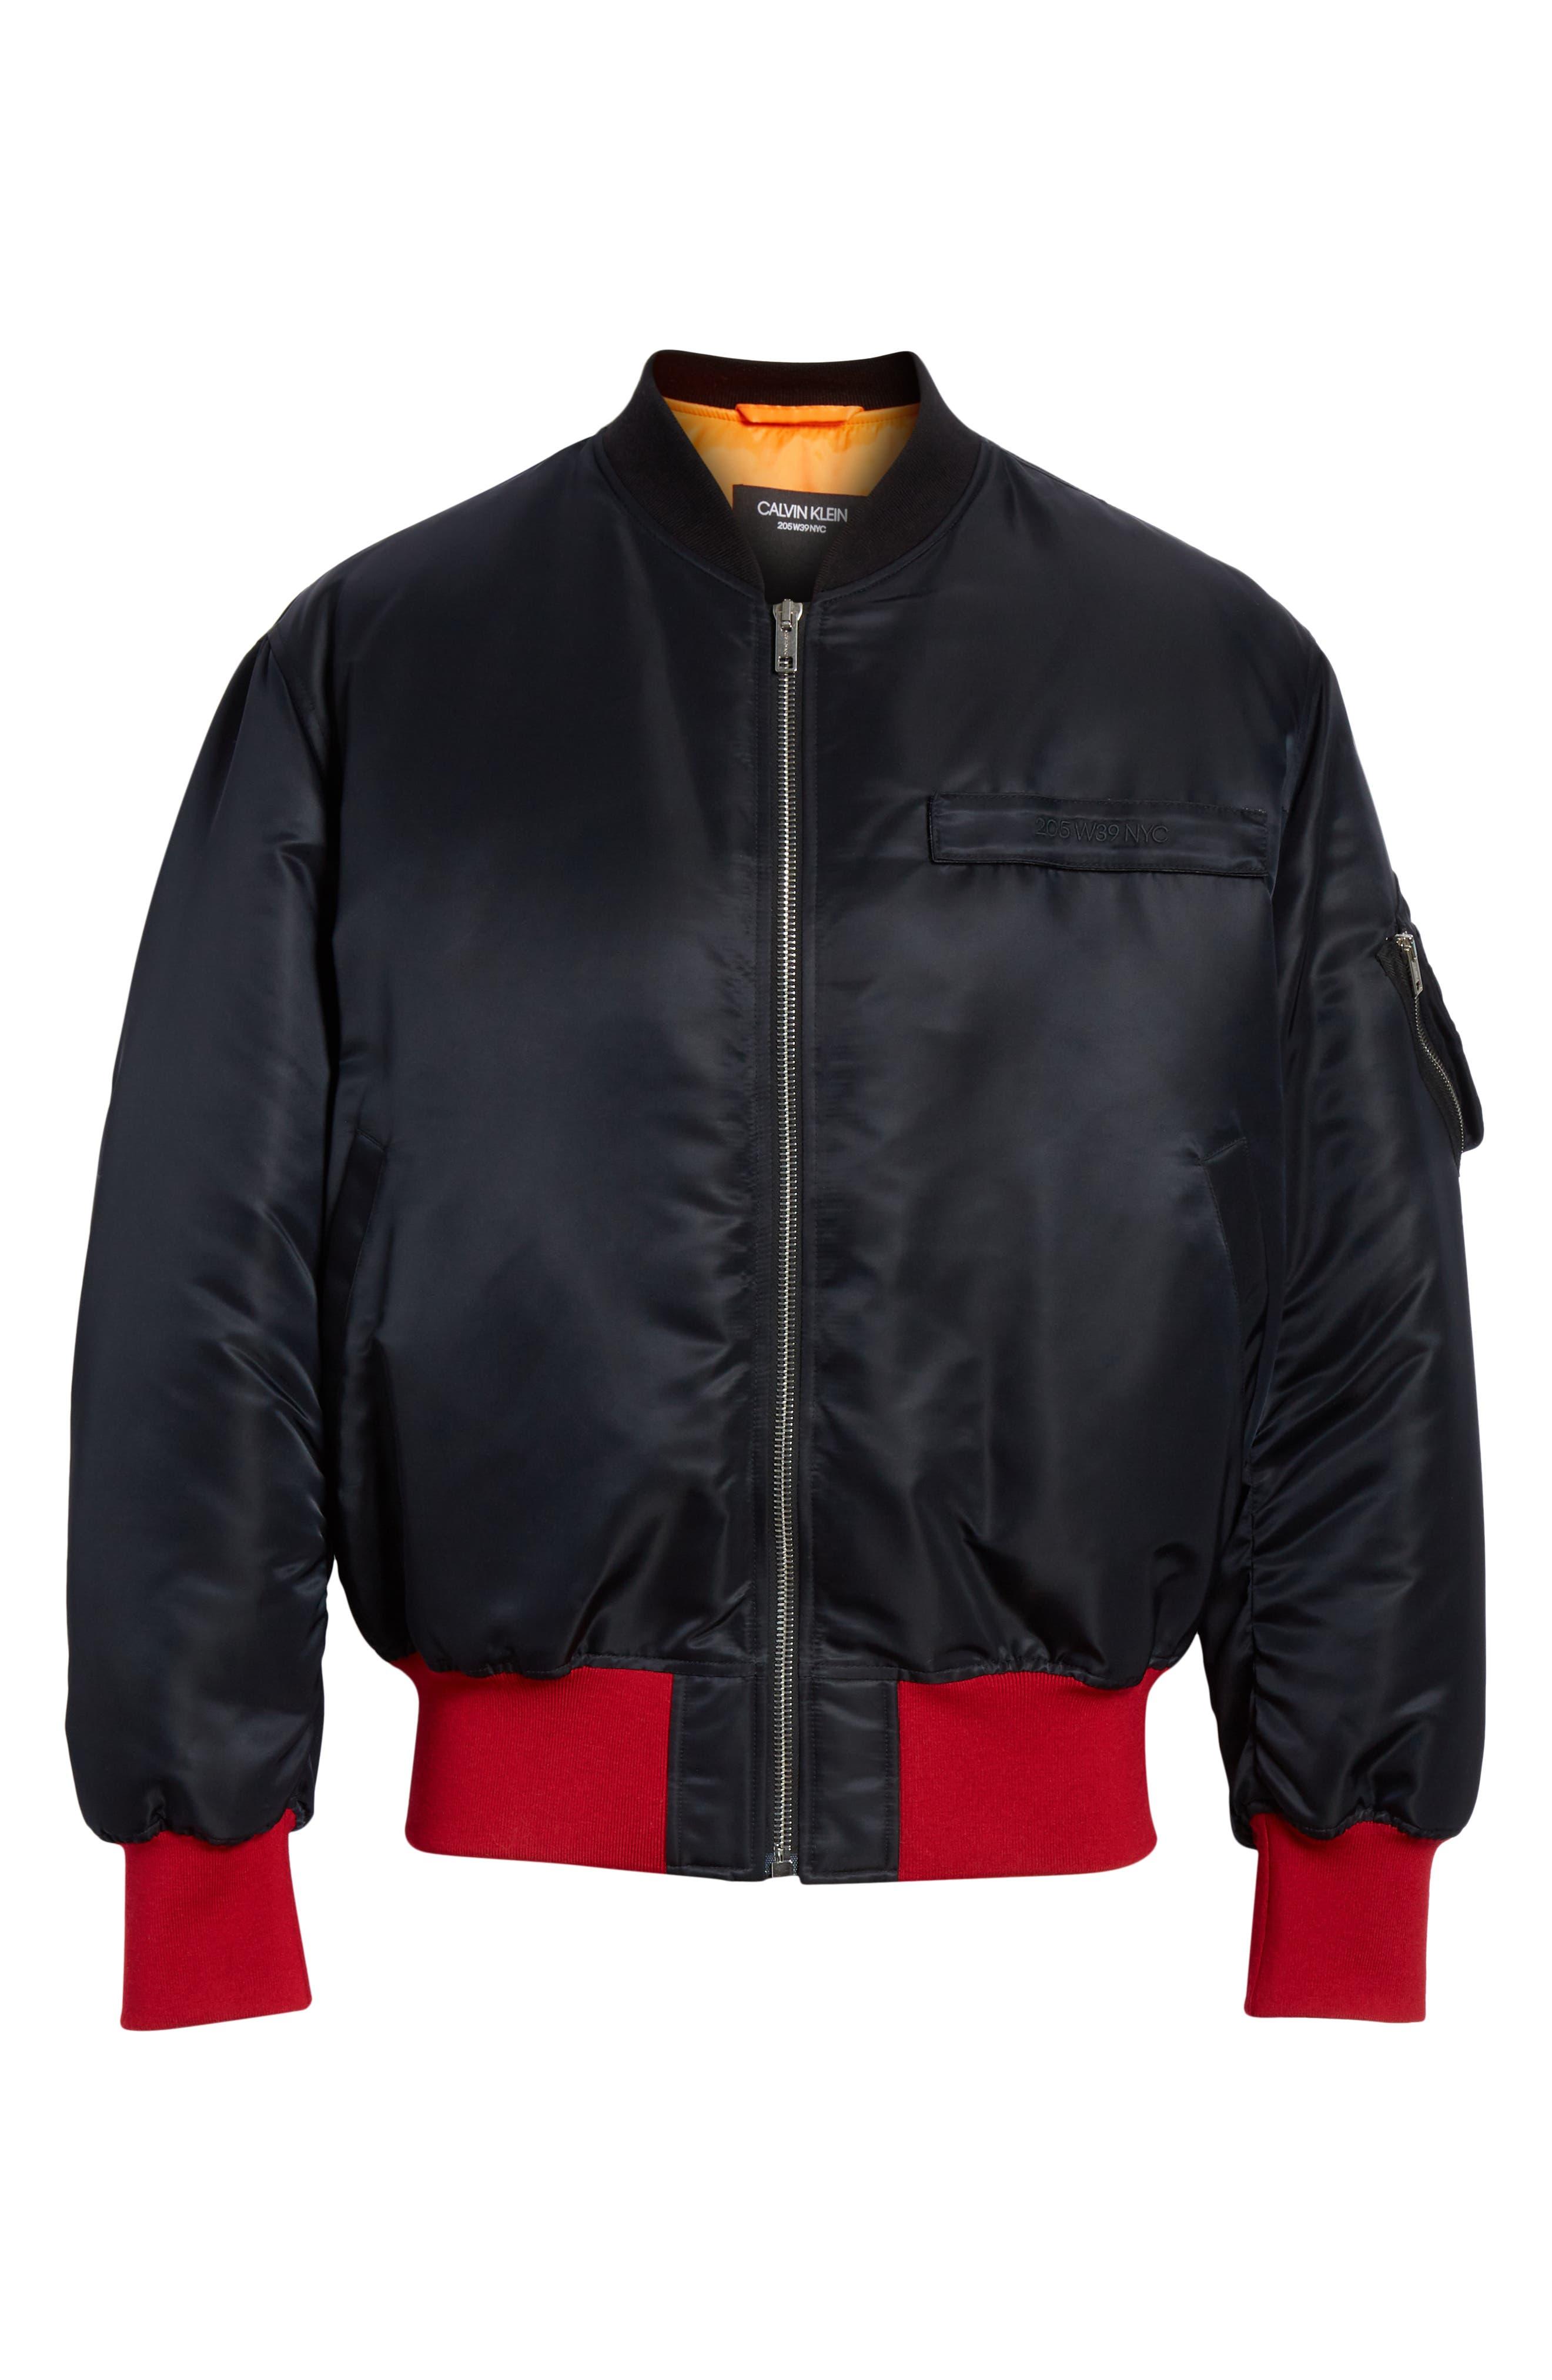 CALVIN KLEIN 205W39NYC, Satin Nylon Bomber Jacket, Alternate thumbnail 5, color, BLACK